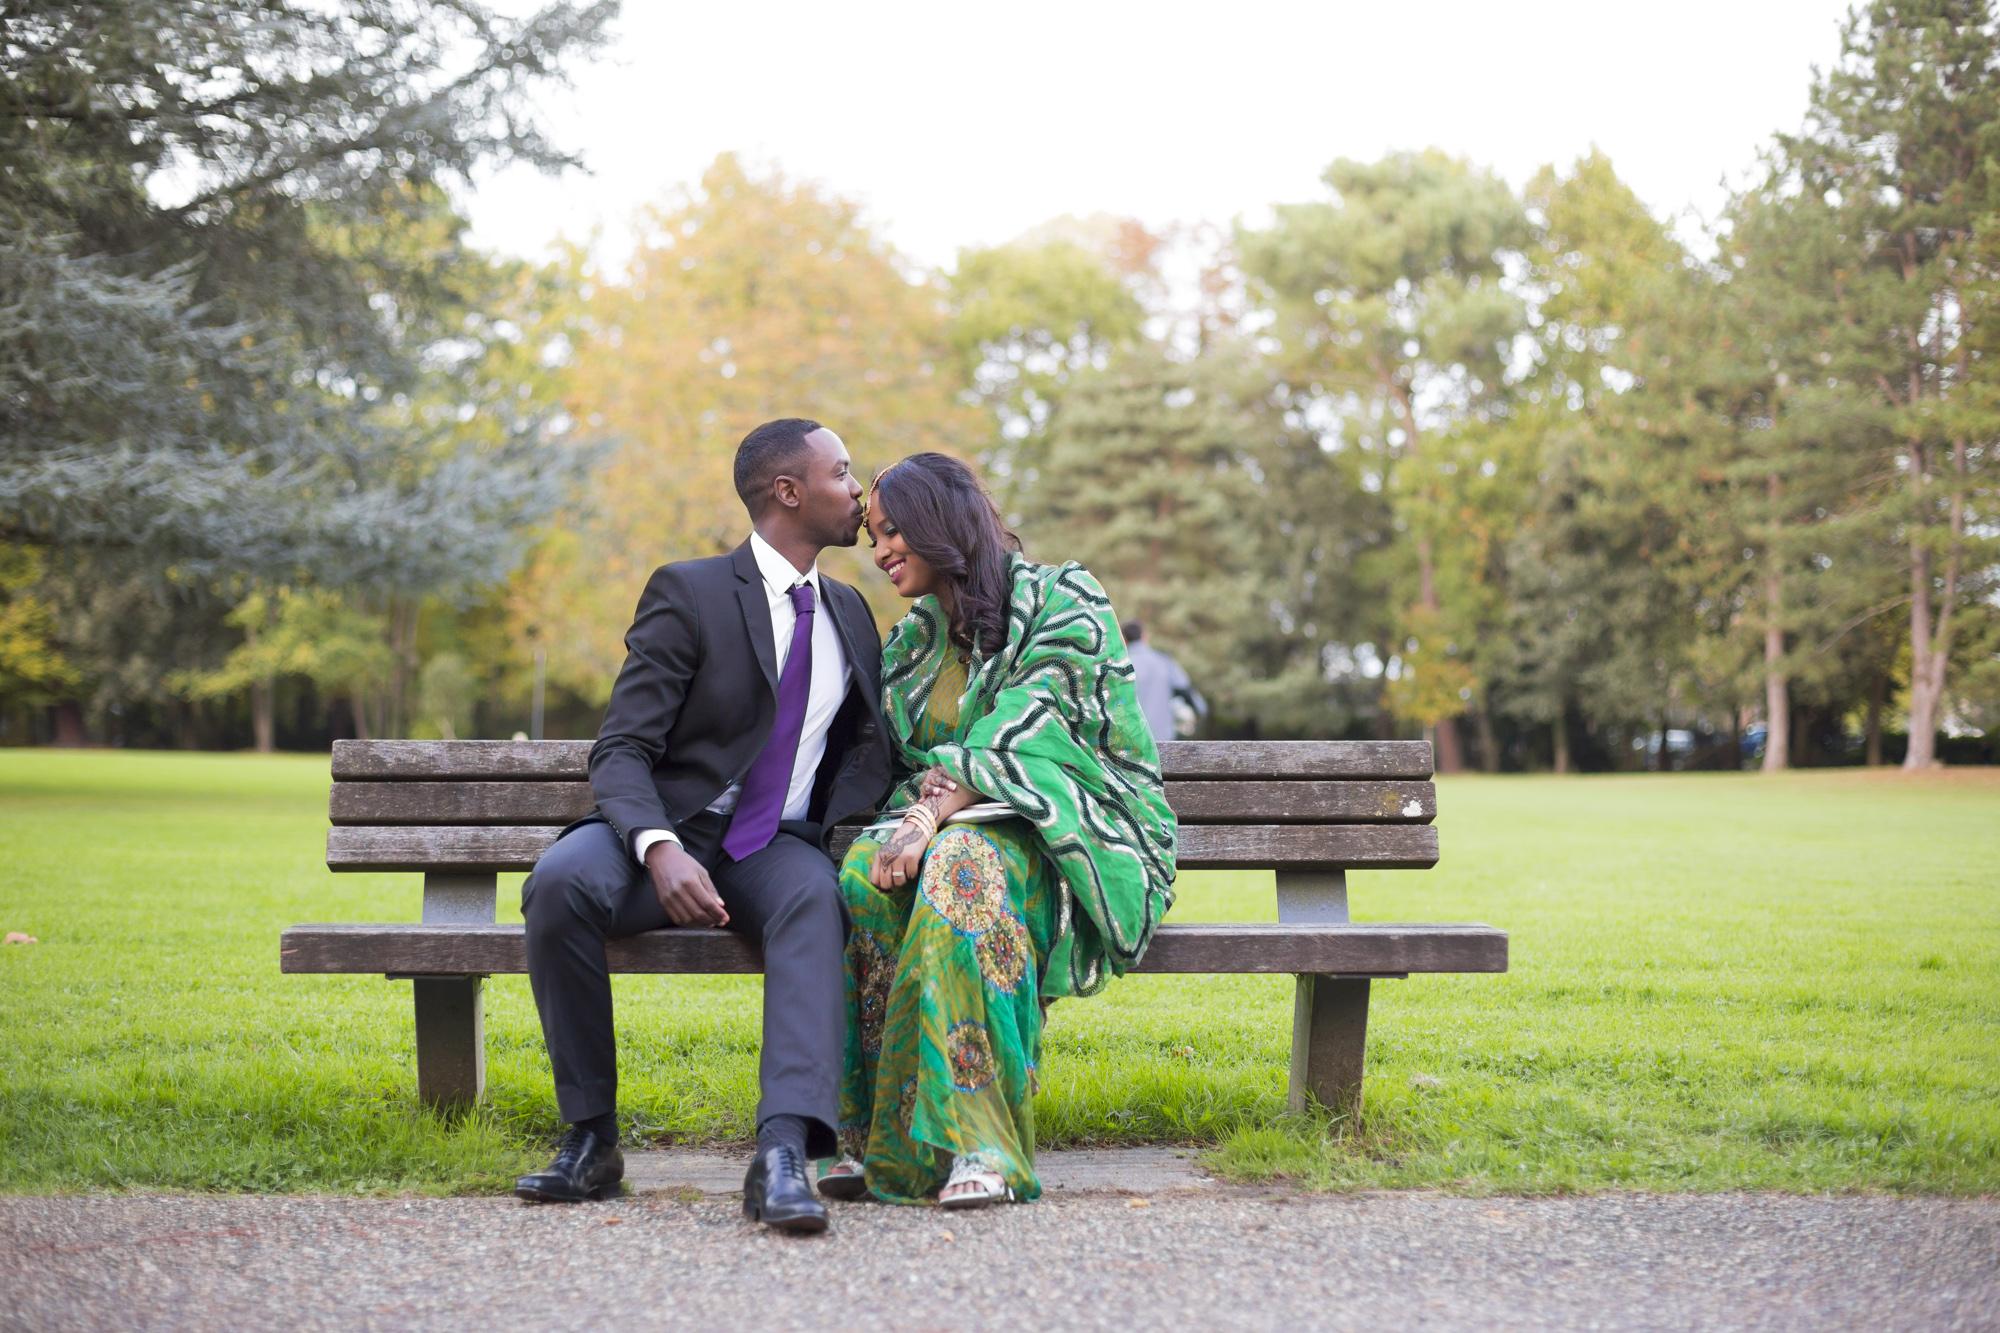 photographe de mariage a bordeaux photo de mariage bordeaux photographe mariage bordeaux sebastien - Photographe Mariage Bordeaux Tarif